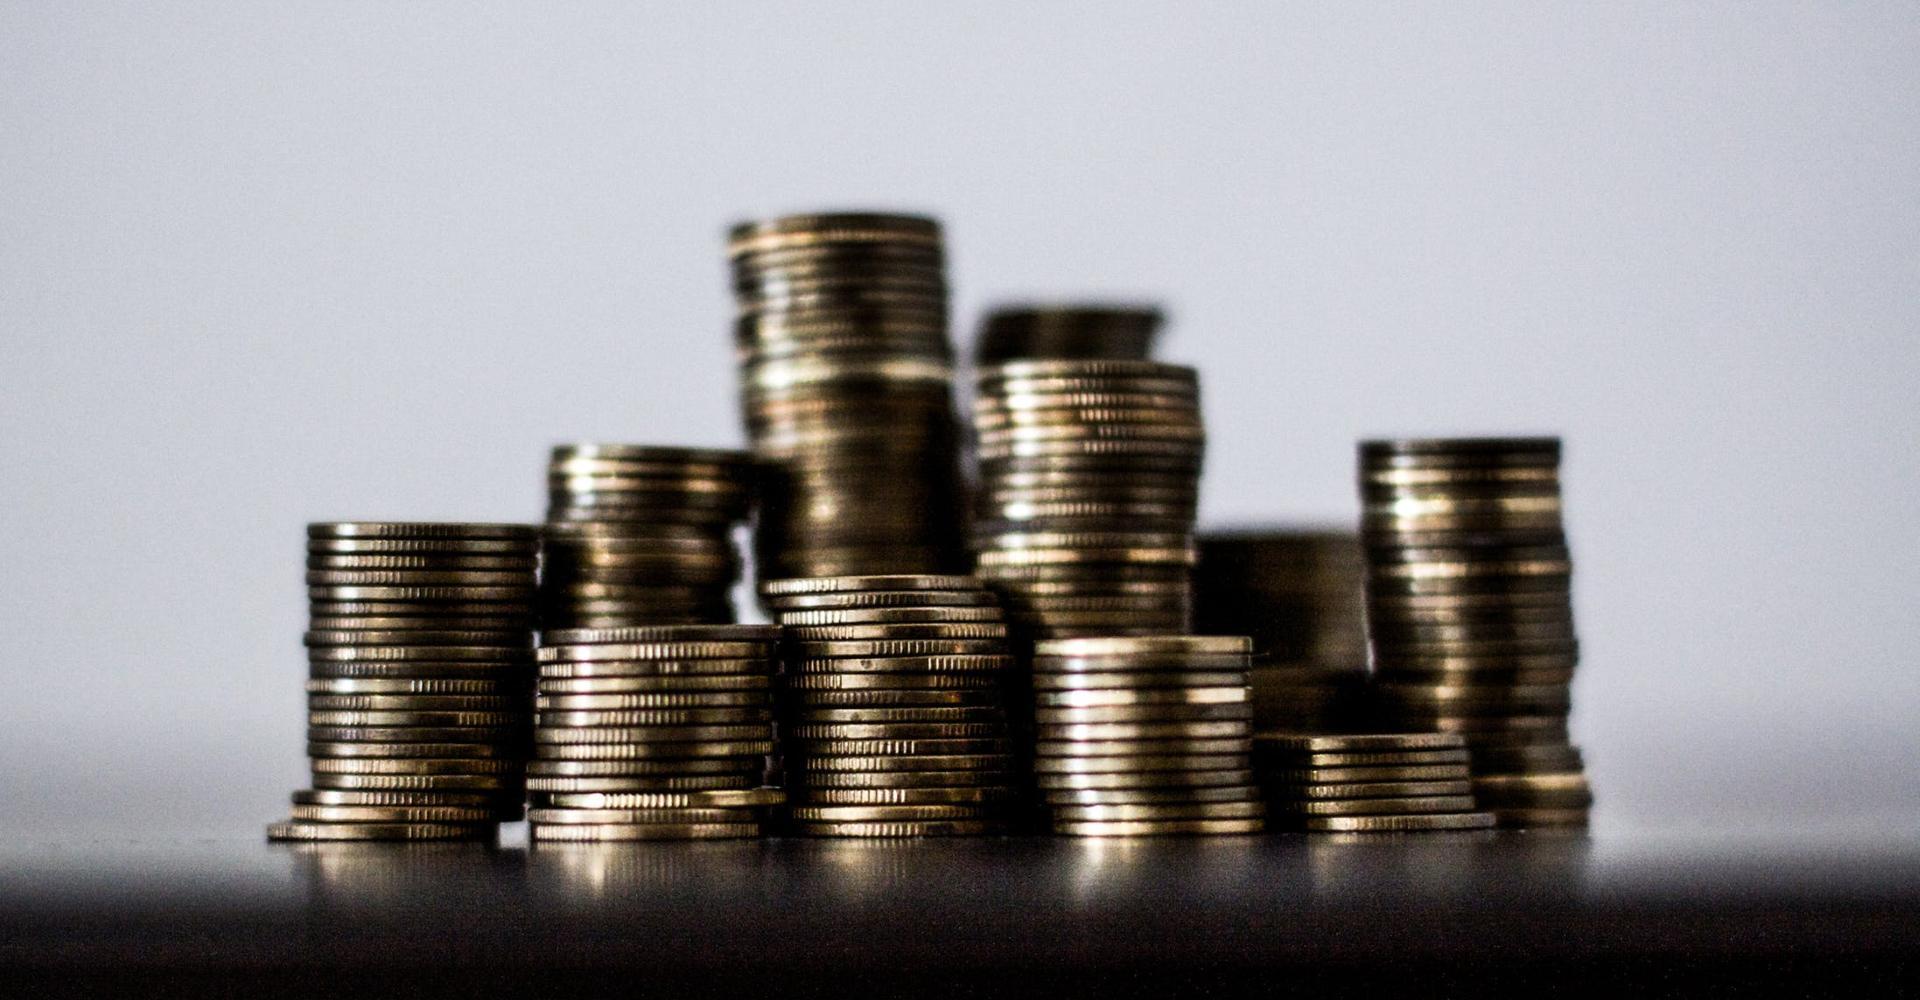 Декларацию о добросовестности в сфере благотворительности подписали уже 57 НКО